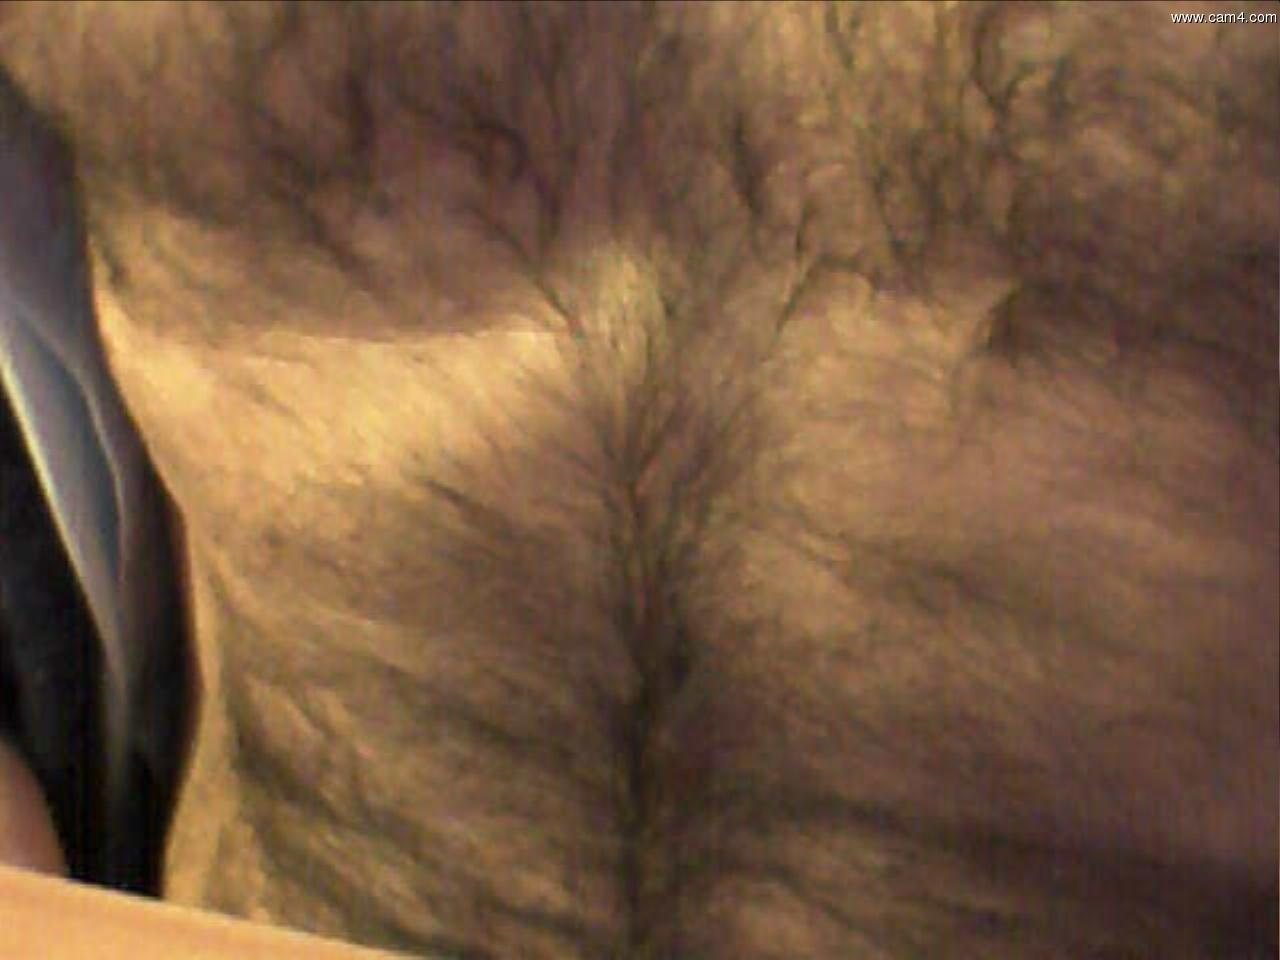 mistermist live cam on Cam4.com